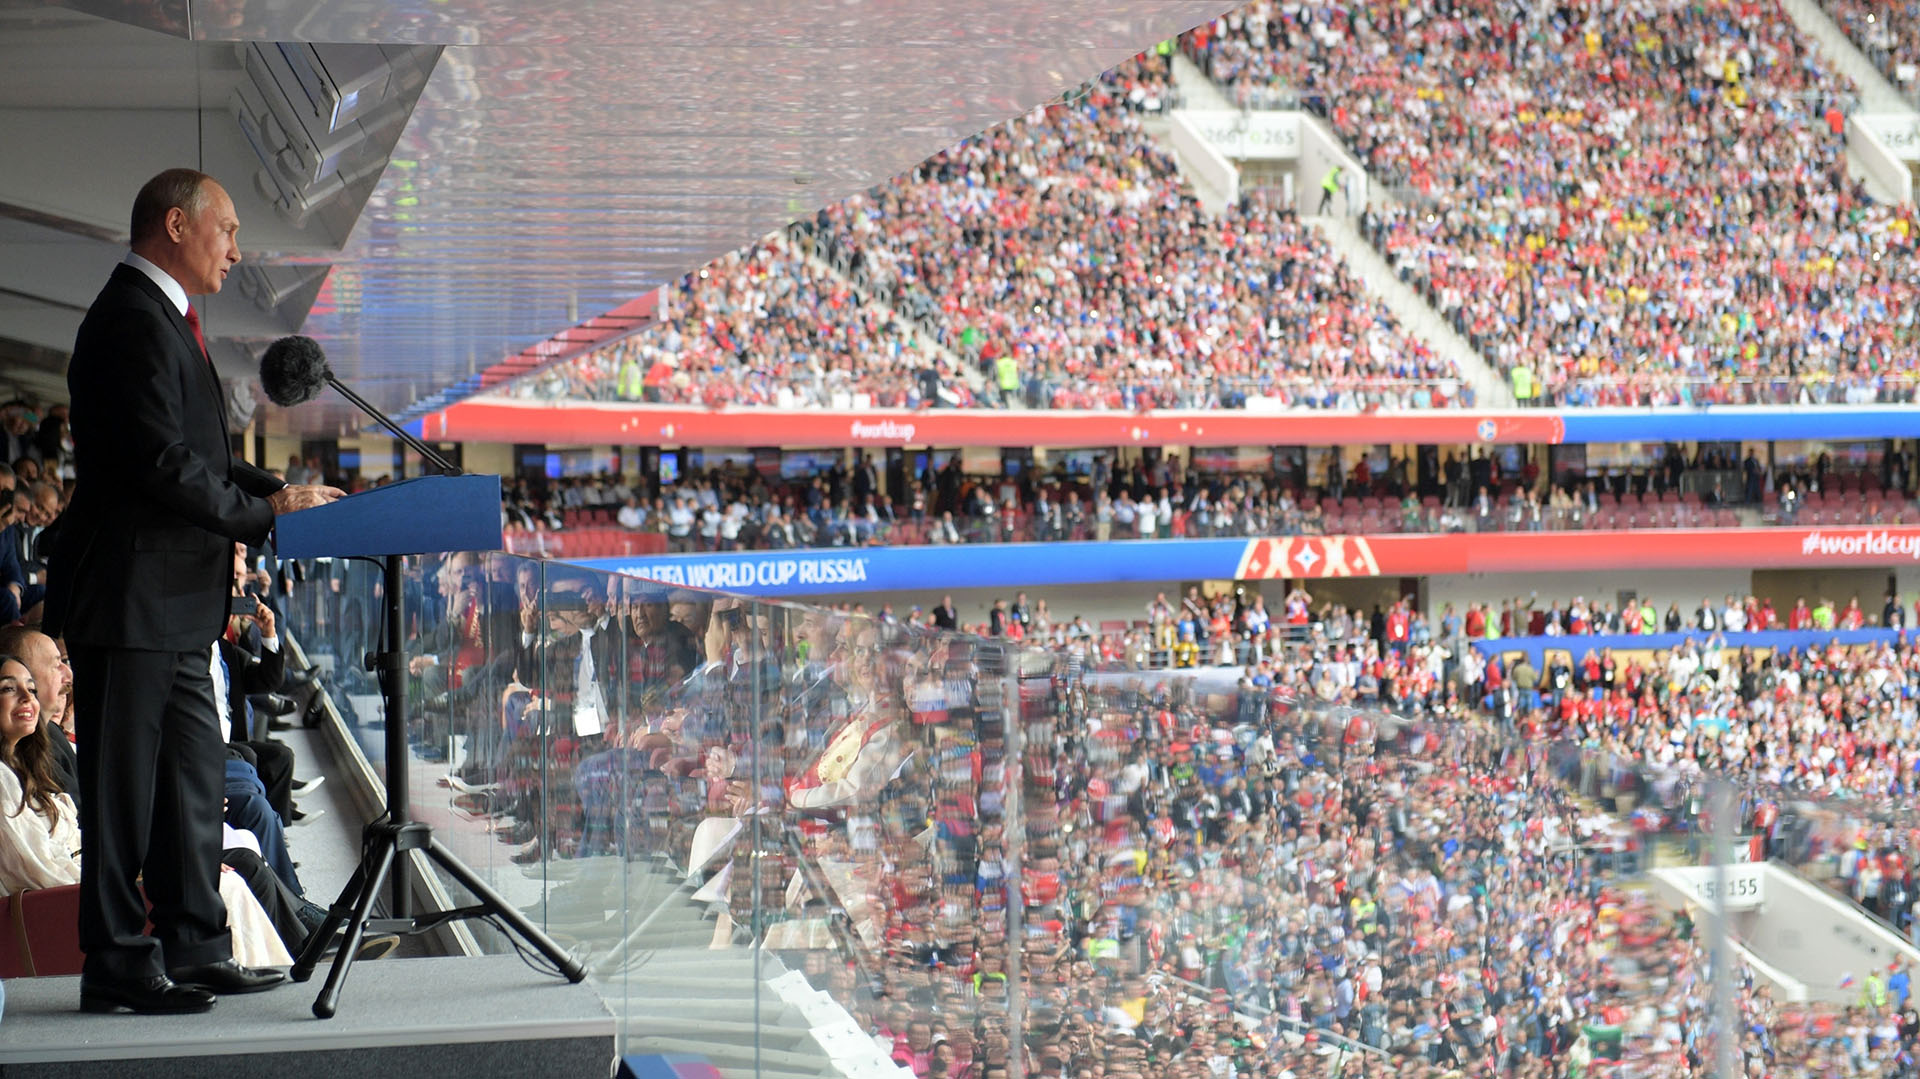 Vladimir Putin, durante su discurso antes del partido en un estadio repleto (Alexei Druzhinin, Sputnik, Kremlin Pool Photo via AP)